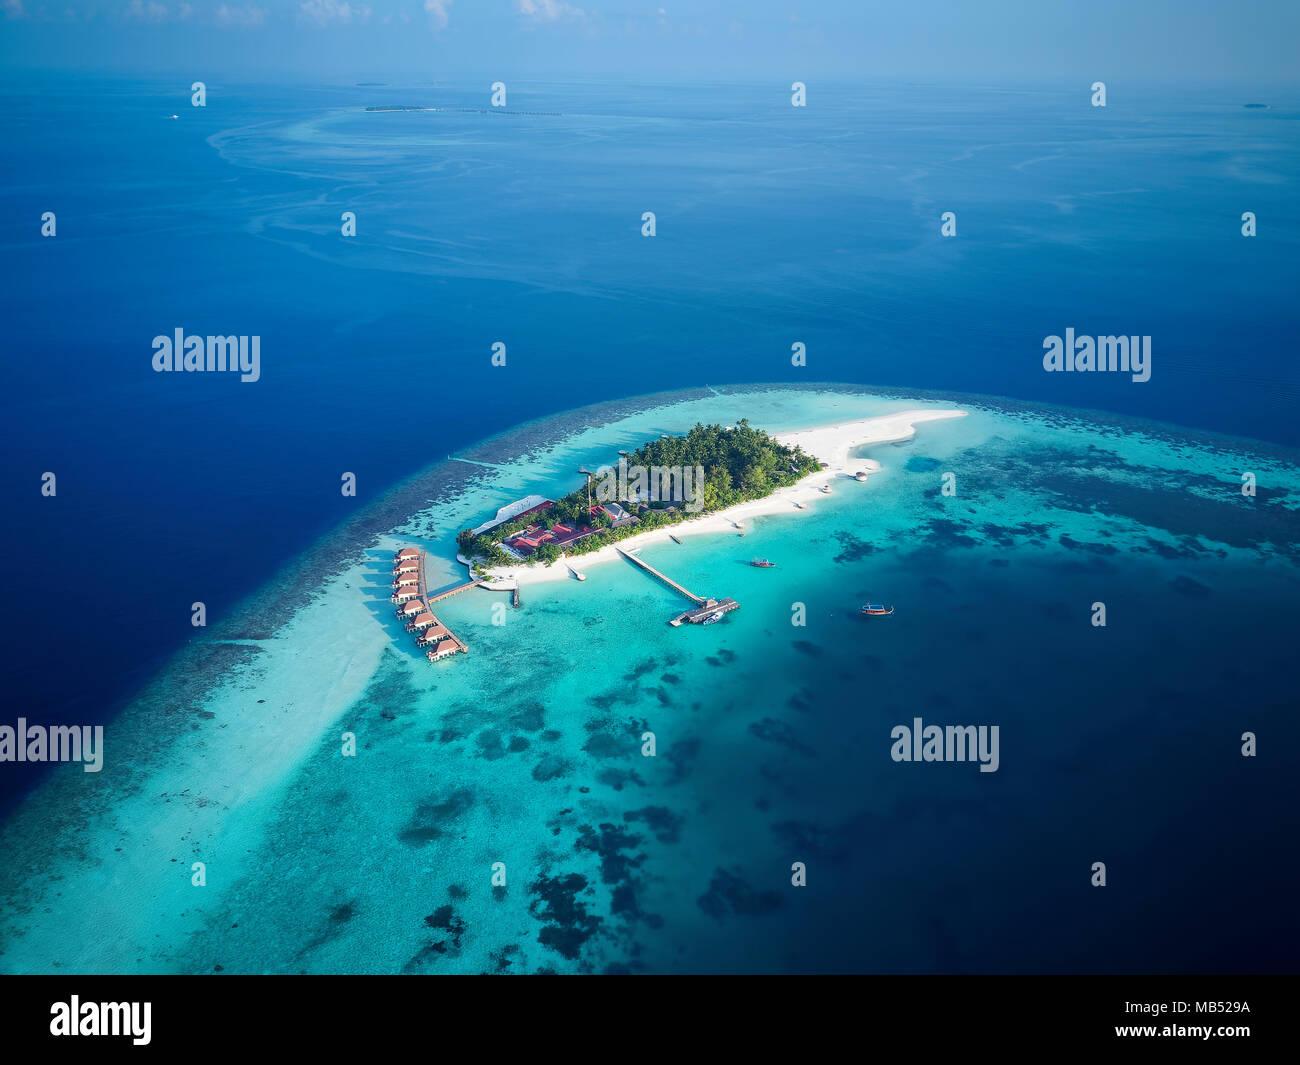 Mayaafushi Island Resort, costa afuera del arrecife de coral, Ari Atoll, Maldivas, Océano Índico Imagen De Stock